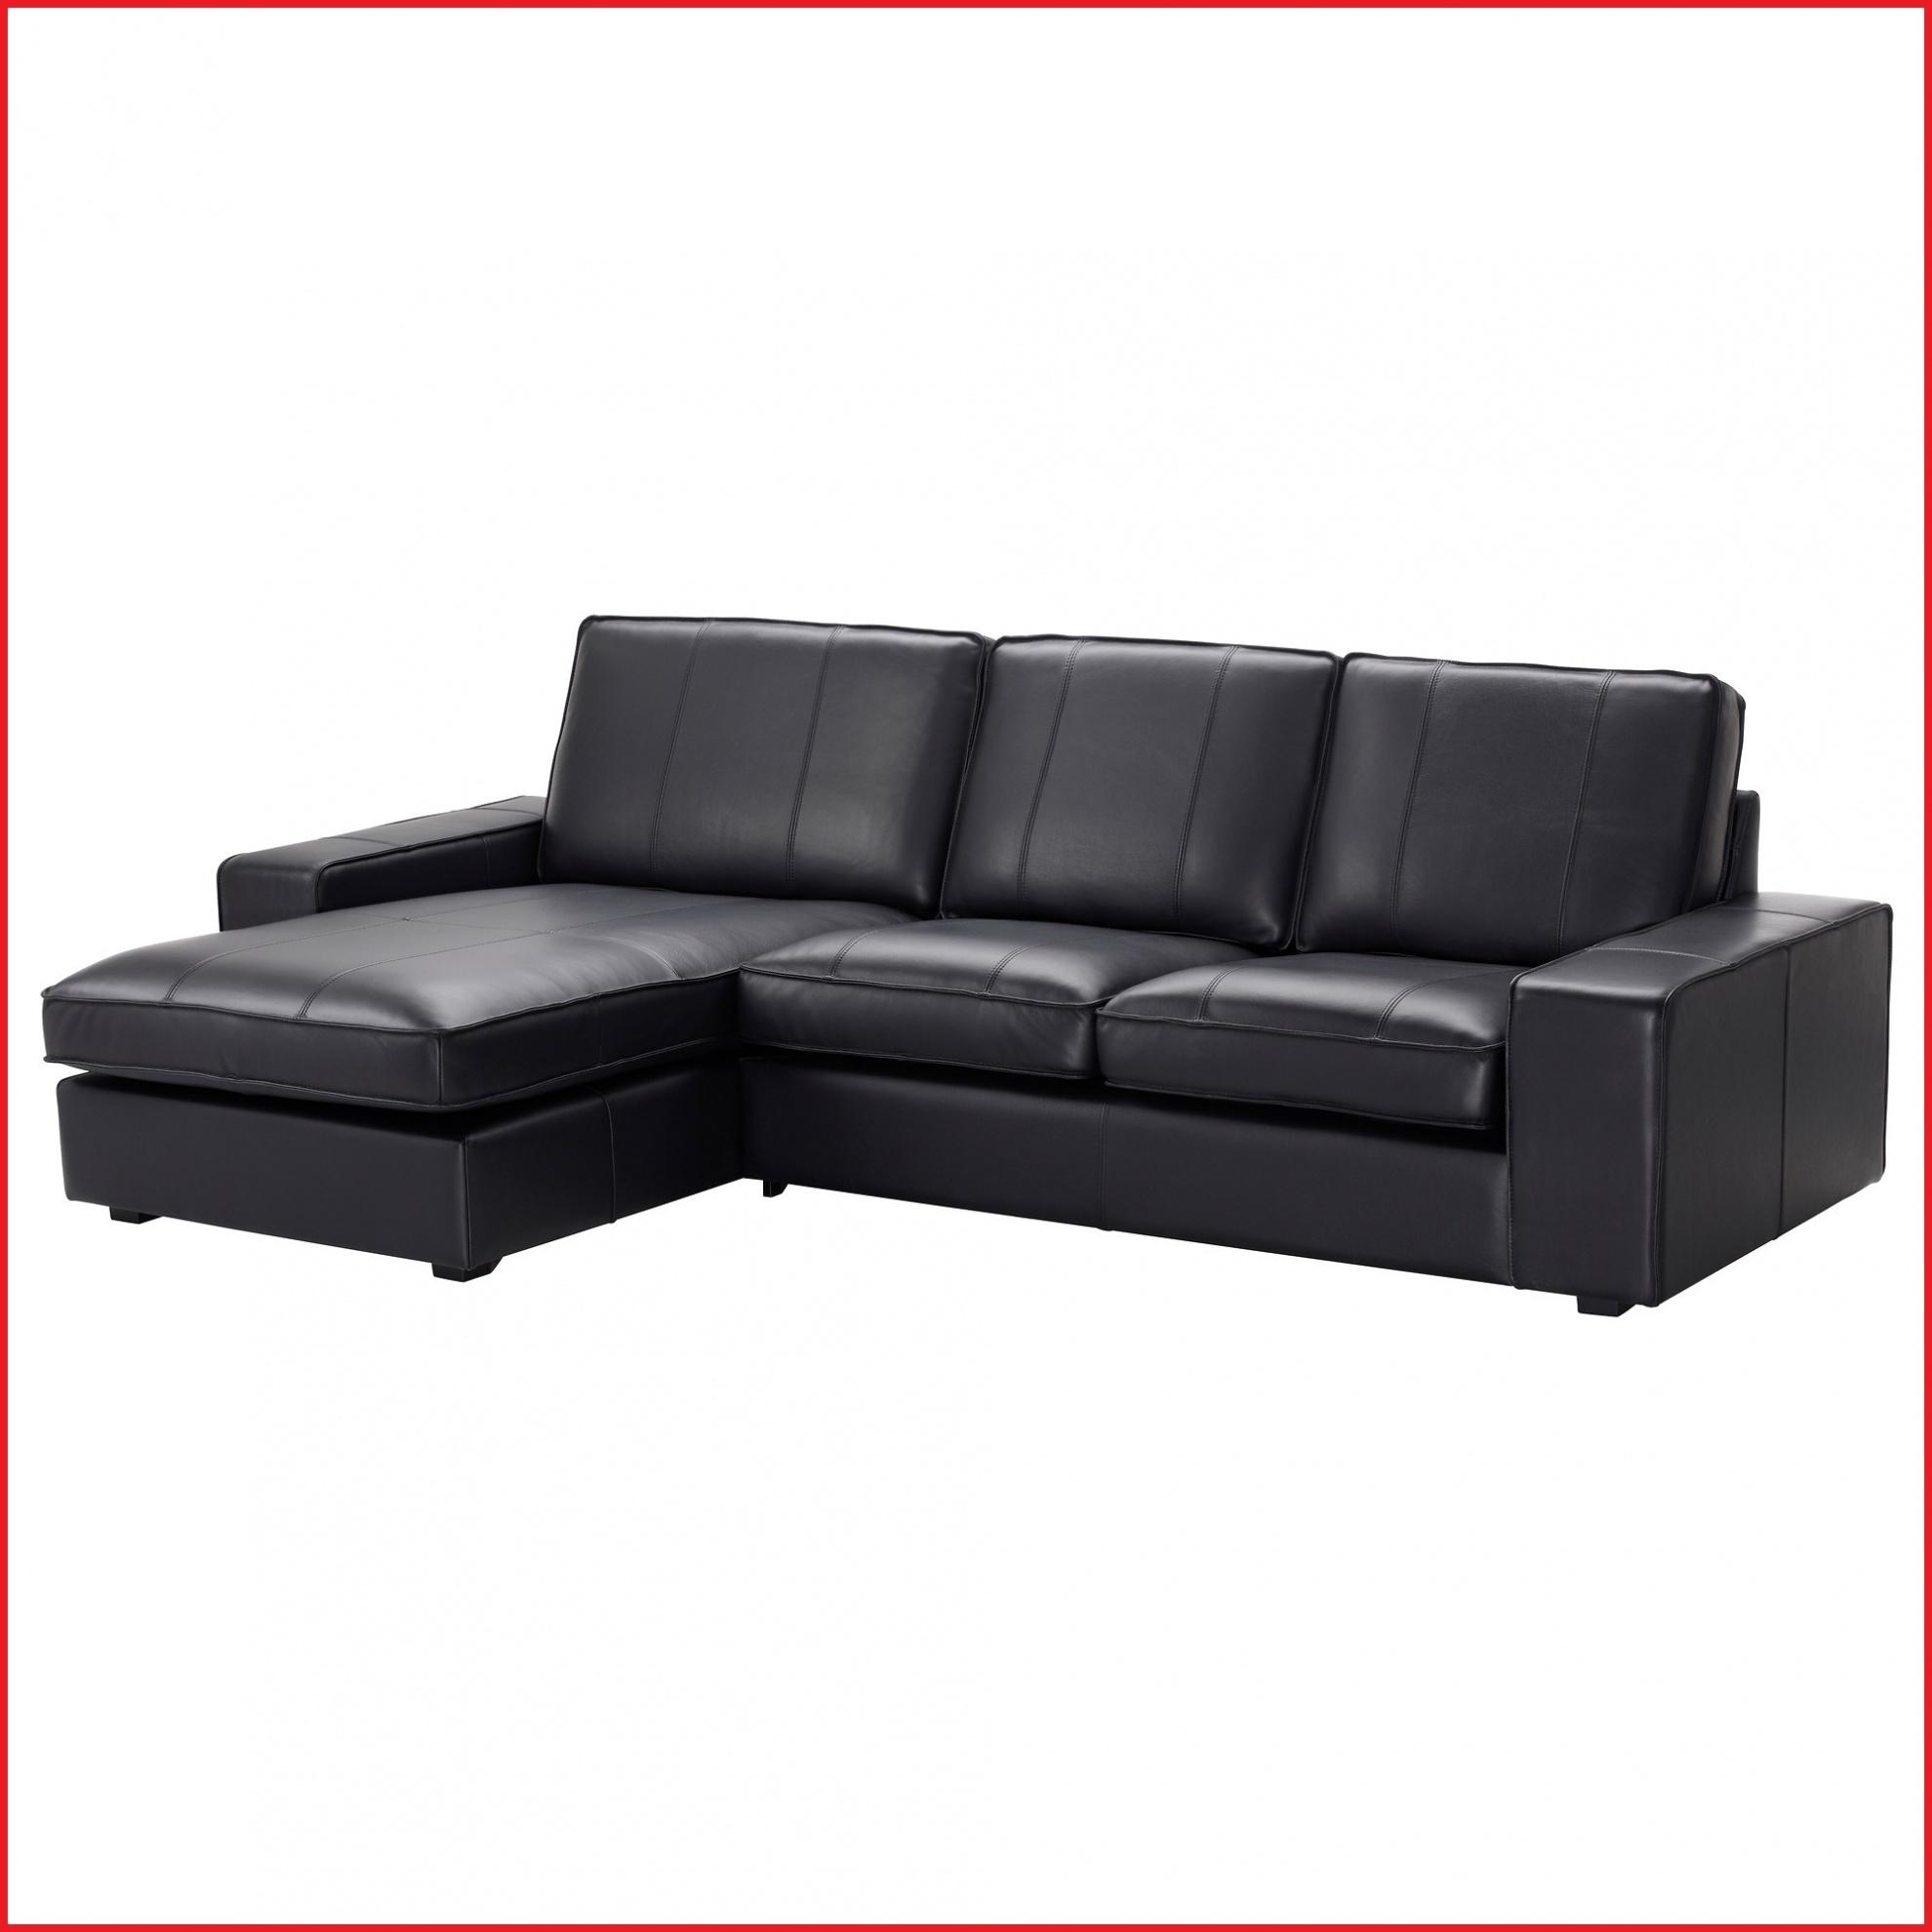 Canapé En Cuir Ikea Inspirant Stock Maha S Canapé Tissu 3 Places Home Mahagranda